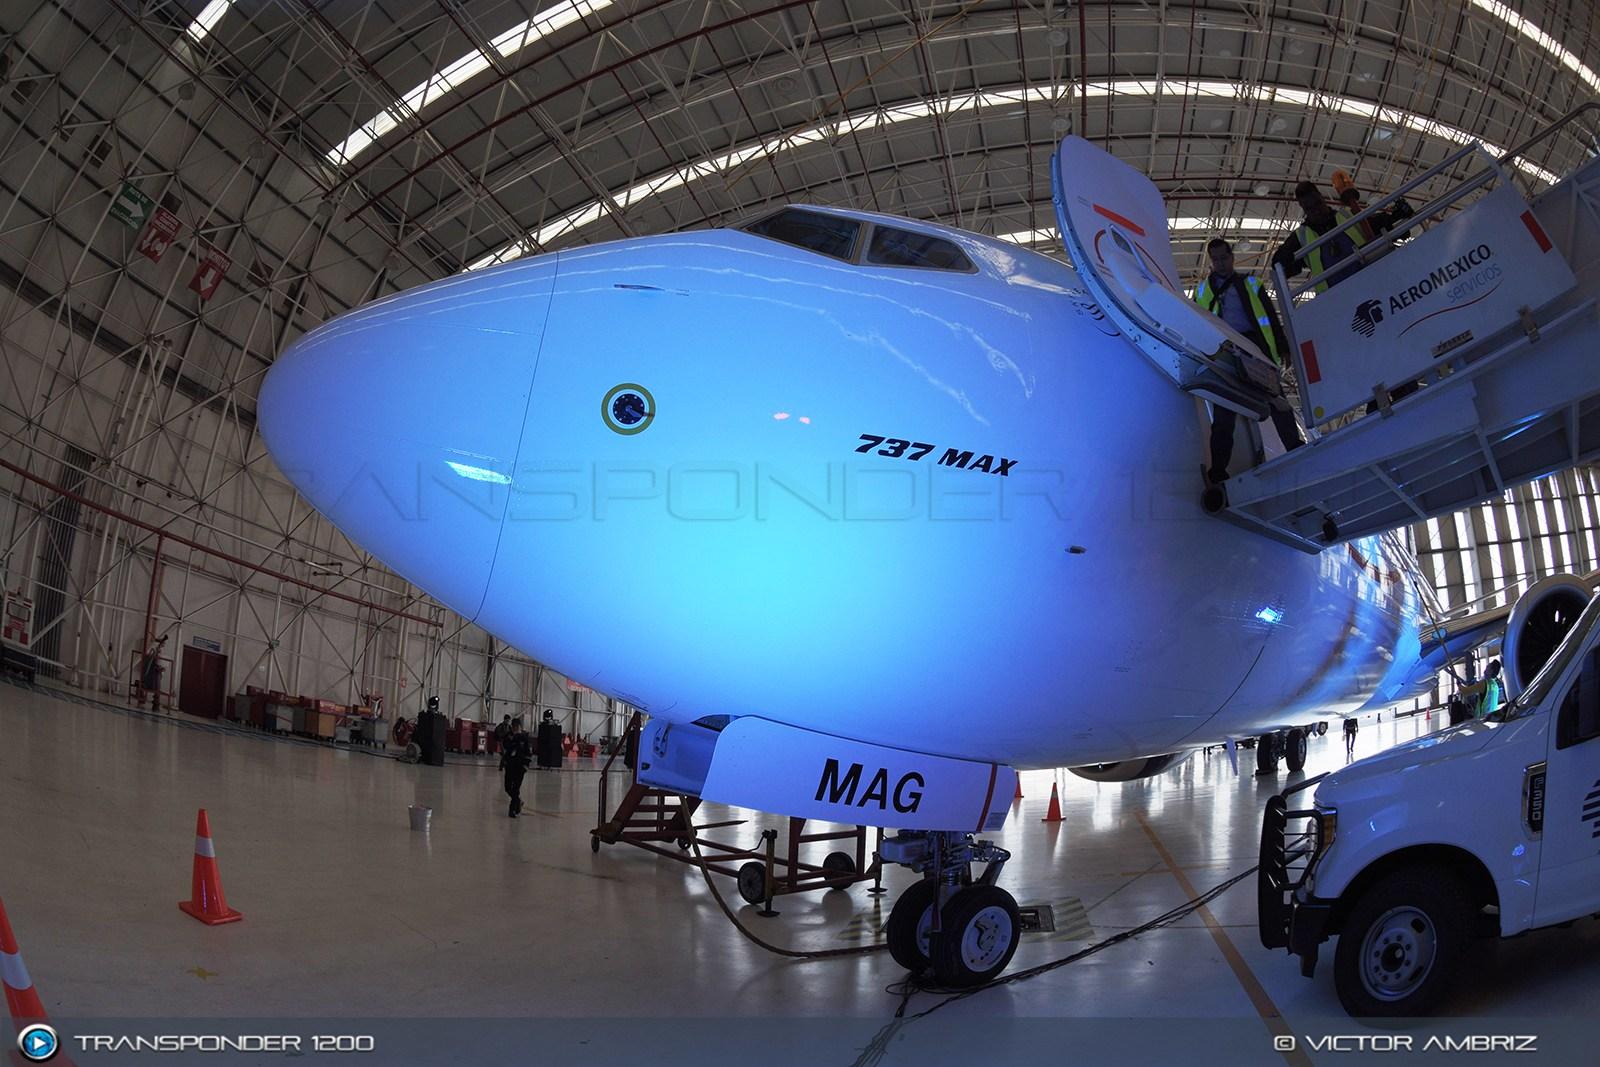 Las tres mayores aerolíneas chinas relaman una indemnización por el 737 MAX